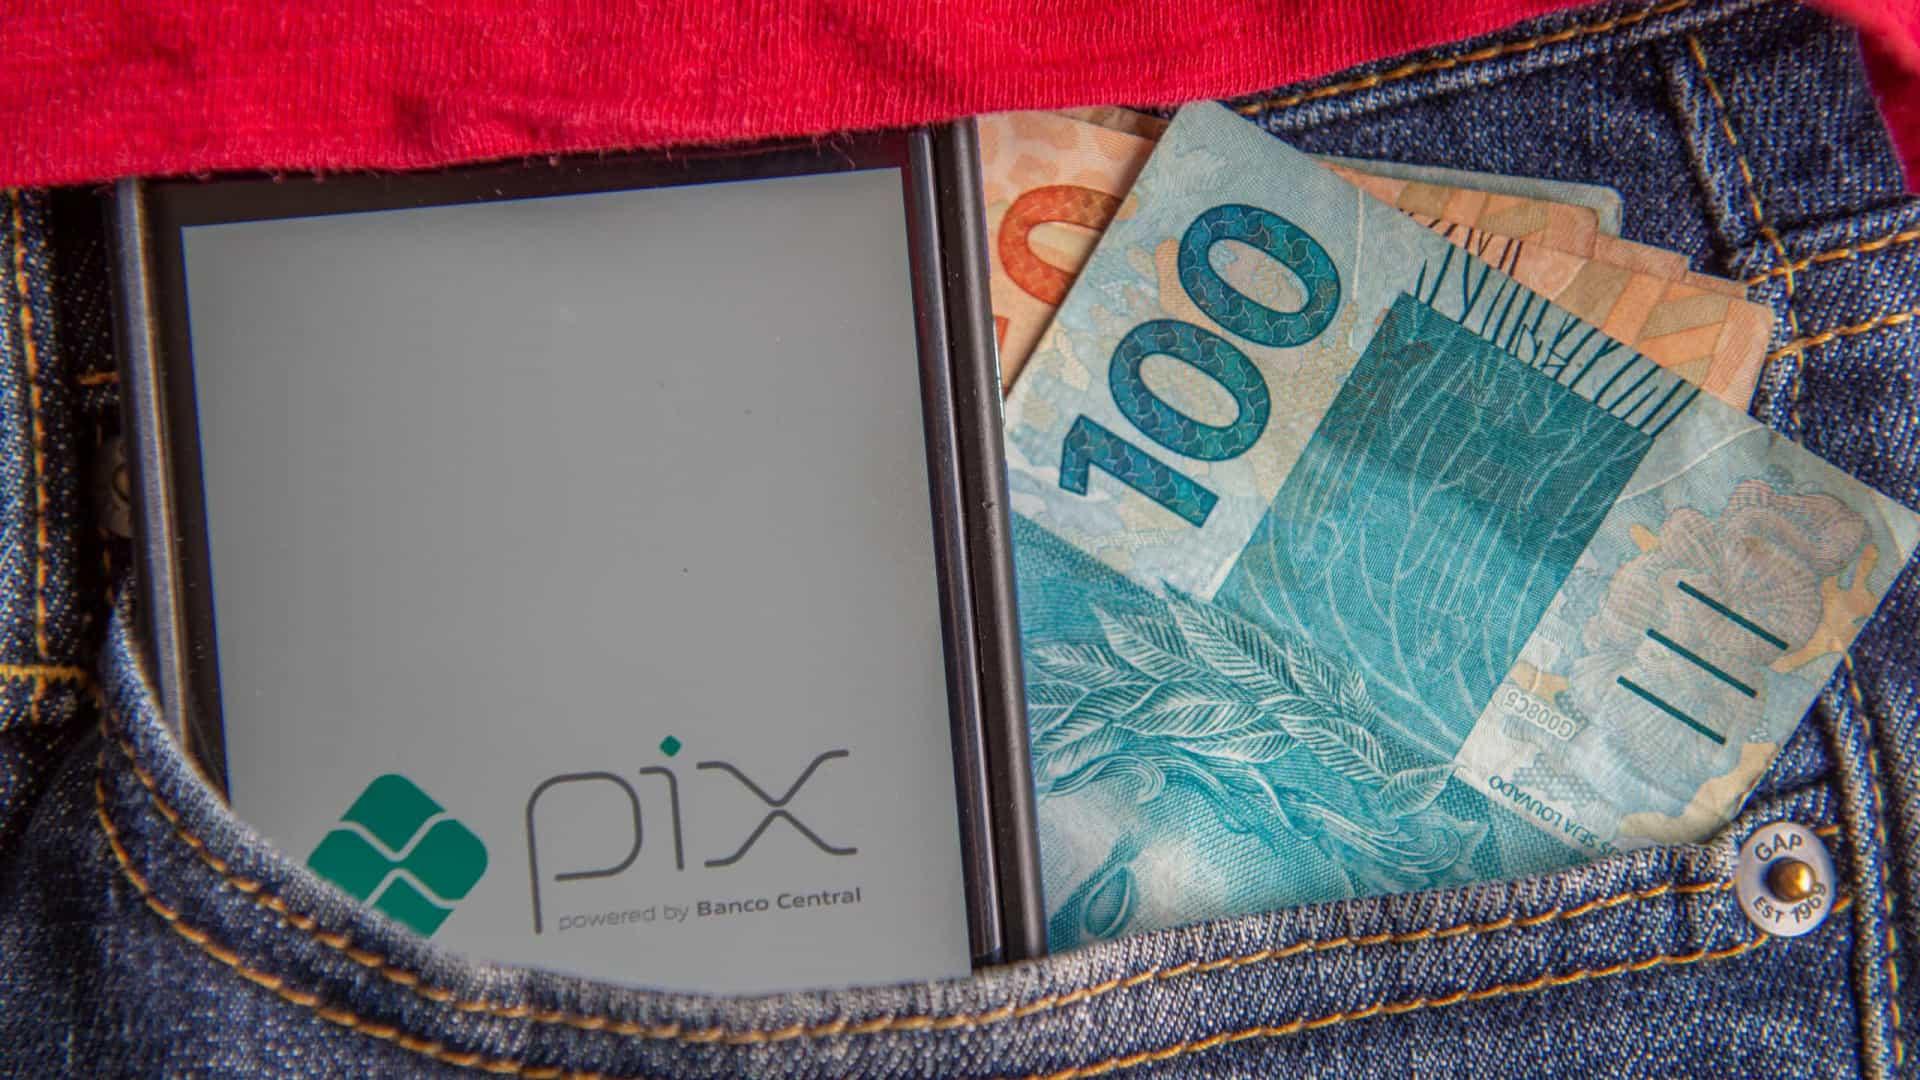 naom 5f7c2d842749b - Valor médio de transações do Pix foi R$ 90 no primeiro dia de teste